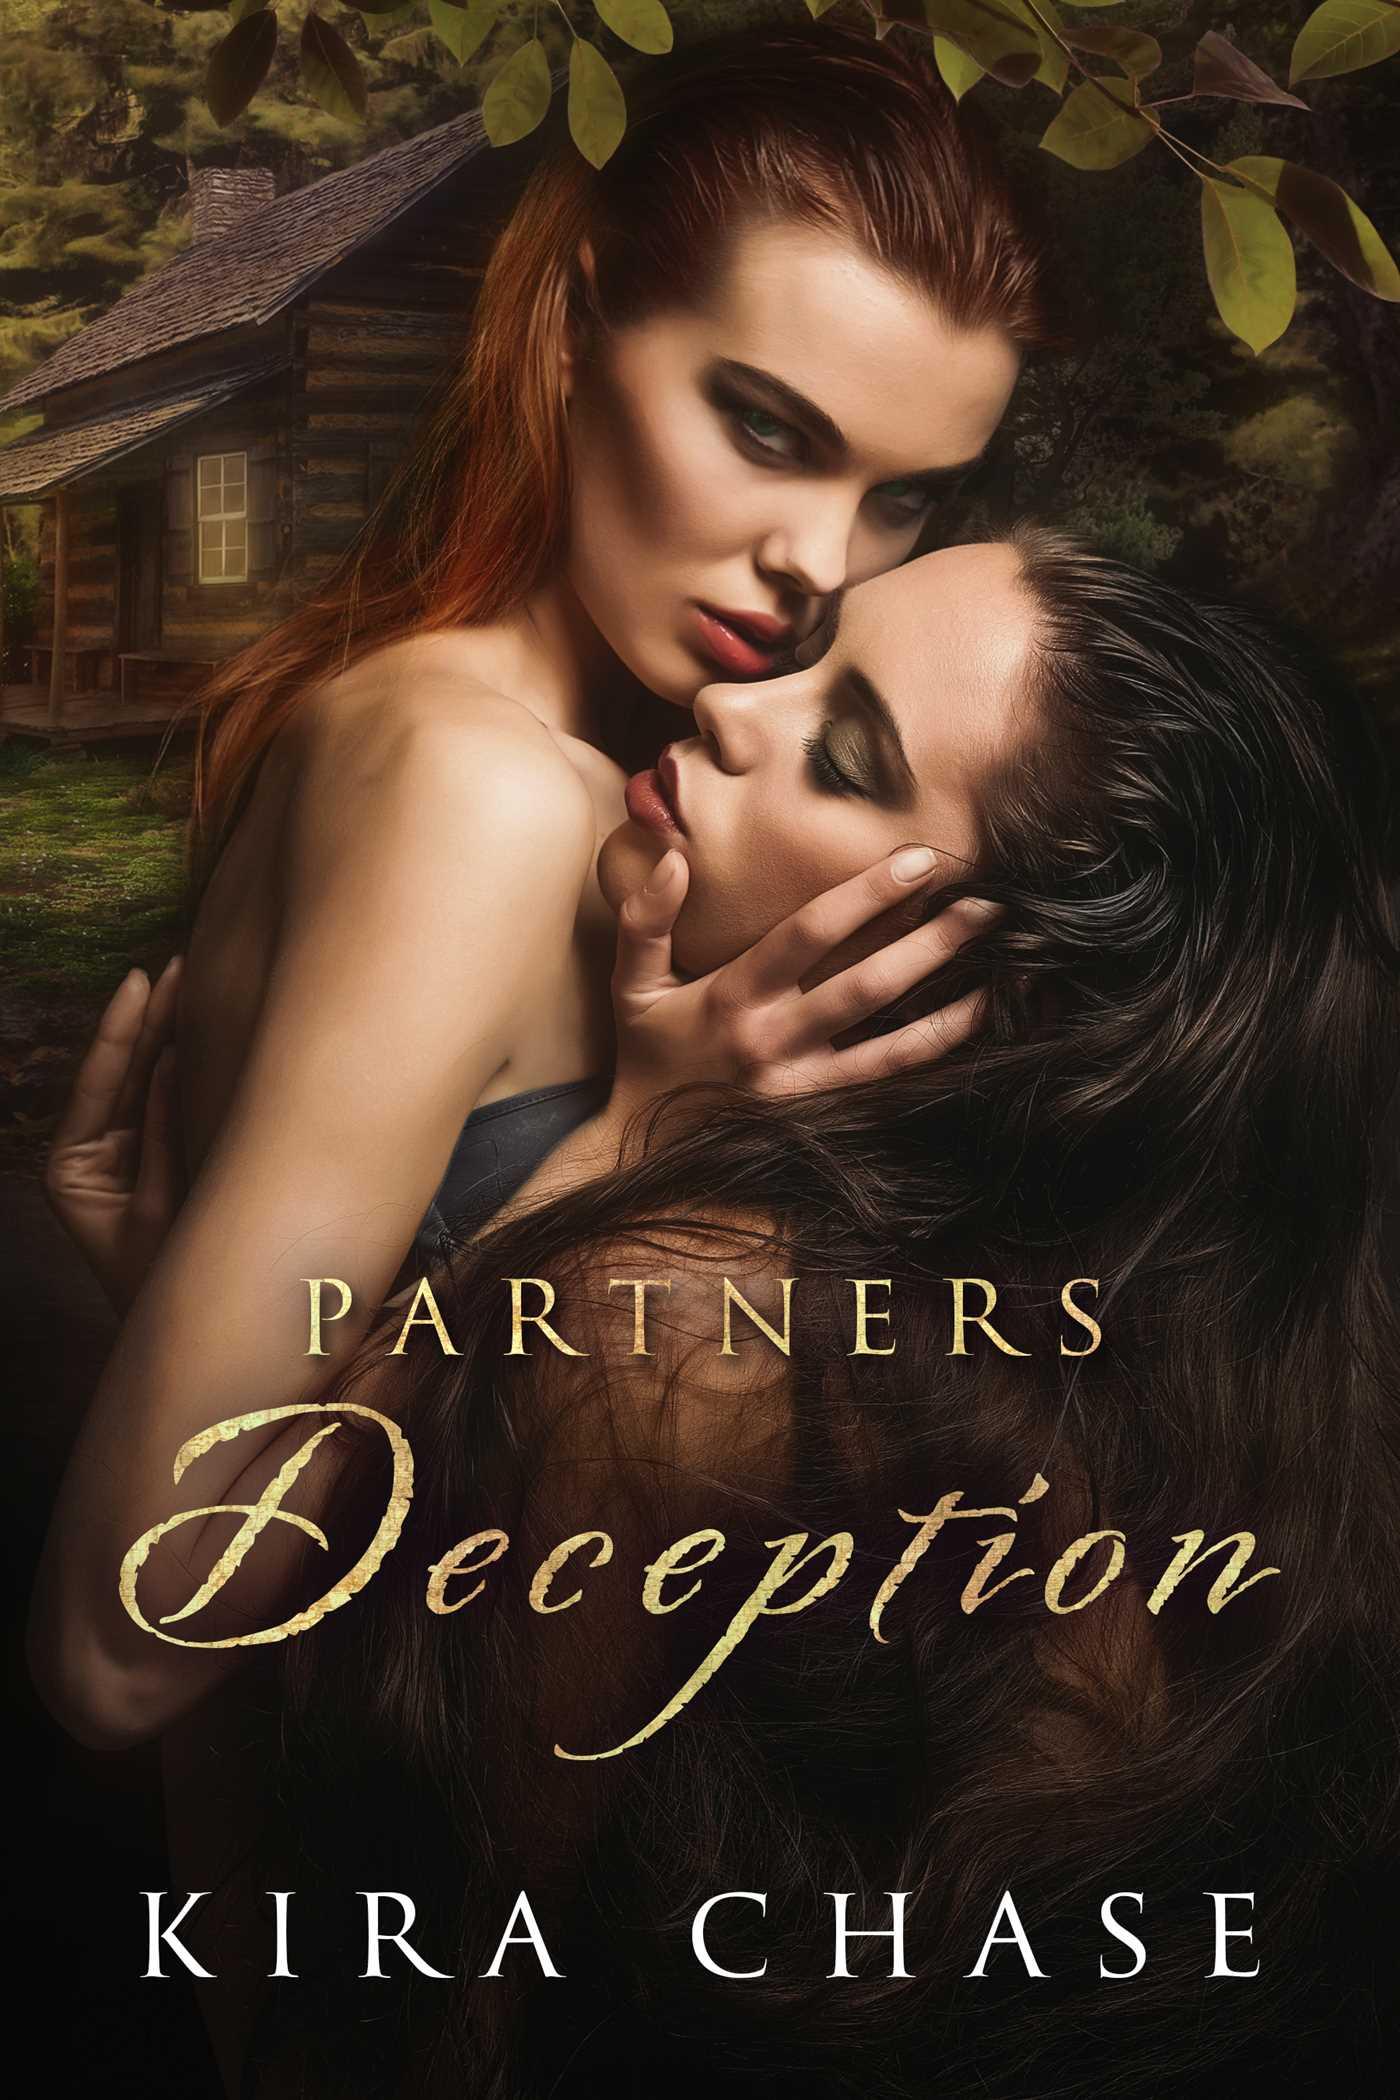 Partners deception 9781682992630 hr